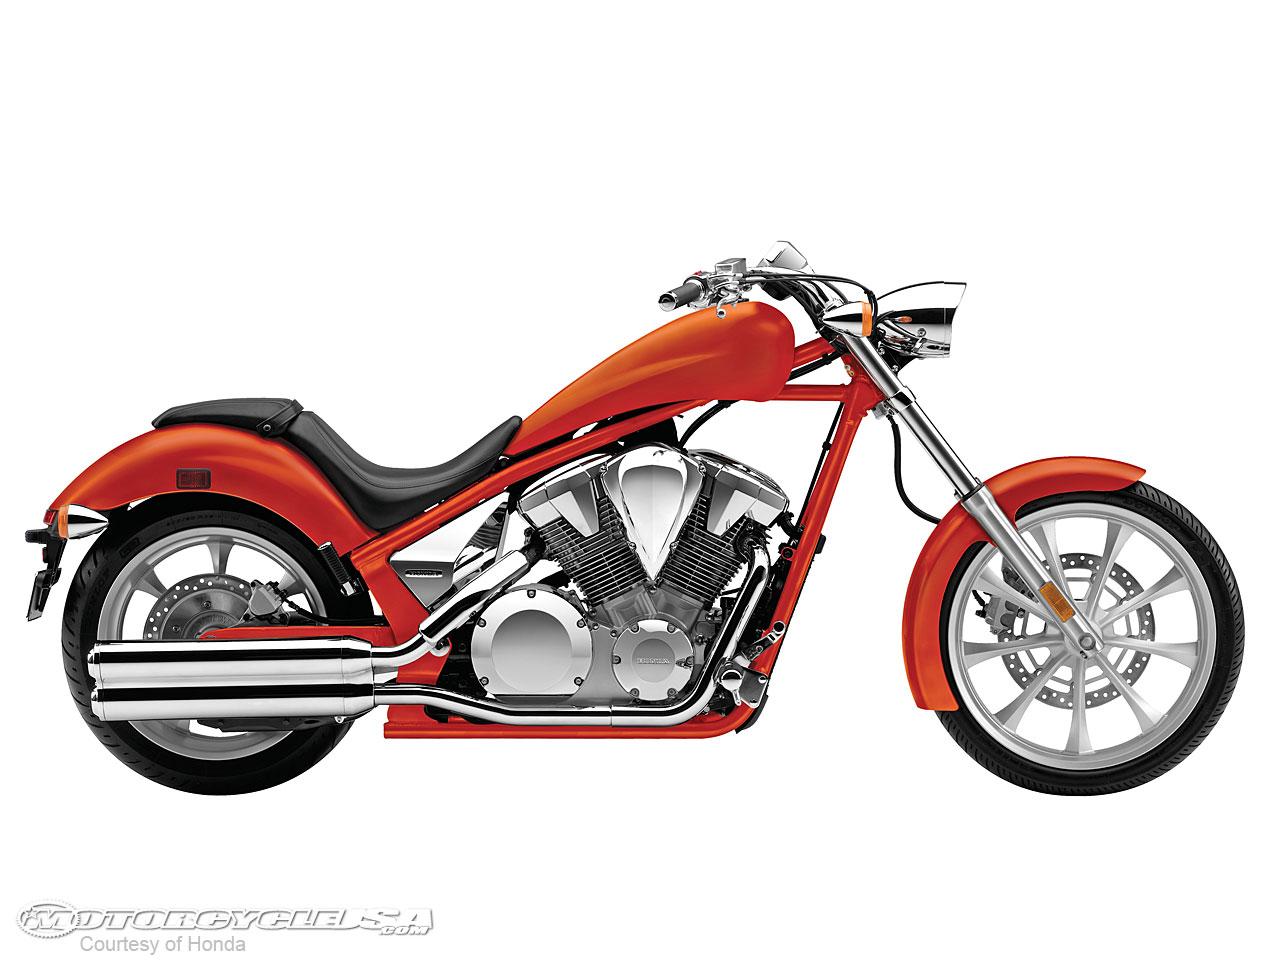 【图】2011款本田shadow Rs摩托车图片大全 机车网